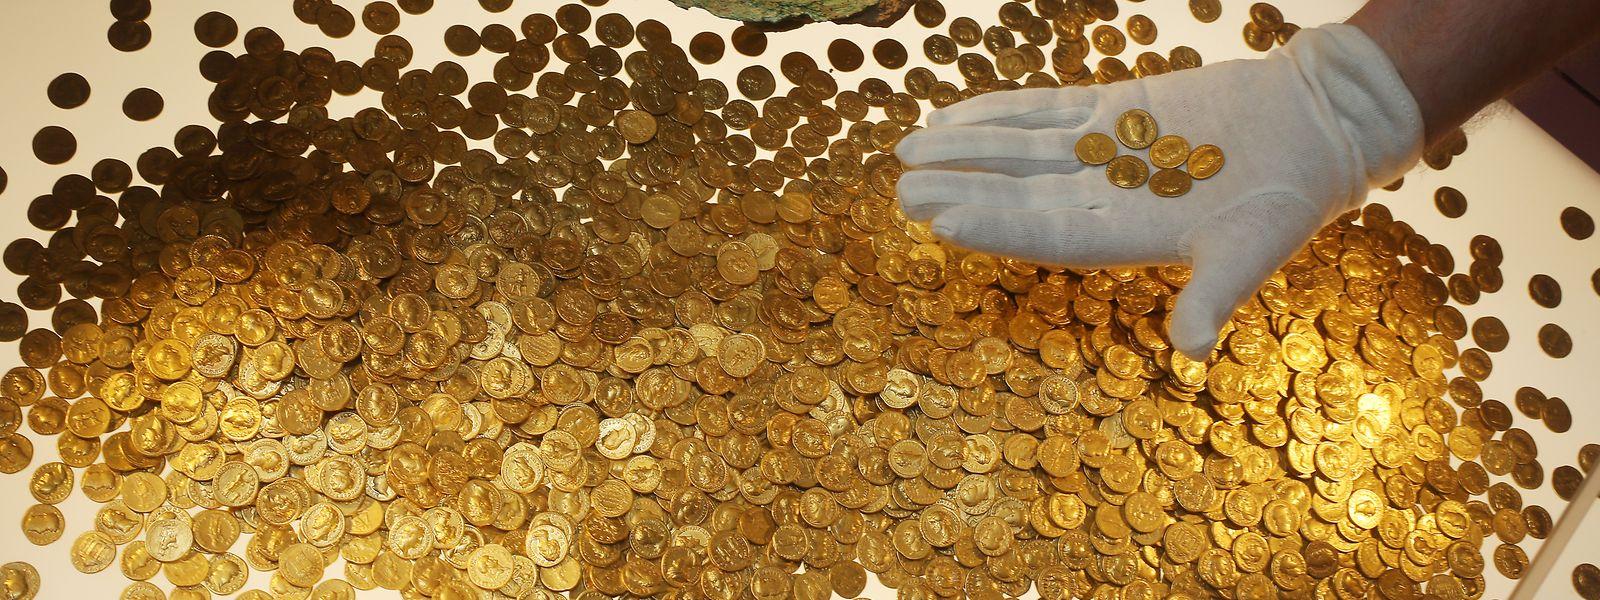 Der Numismatiker Karl-Josef Gilles platziert im Landesmuseum römische Goldmünzen in einer Vitrine. Es handelt sich um den weltweit größte Goldschatz der römischen Kaiserzeit: 18,5 Kilo schwer und rund 2600 Münzen stark. Vor 25 Jahren wurde er in Trier entdeckt.